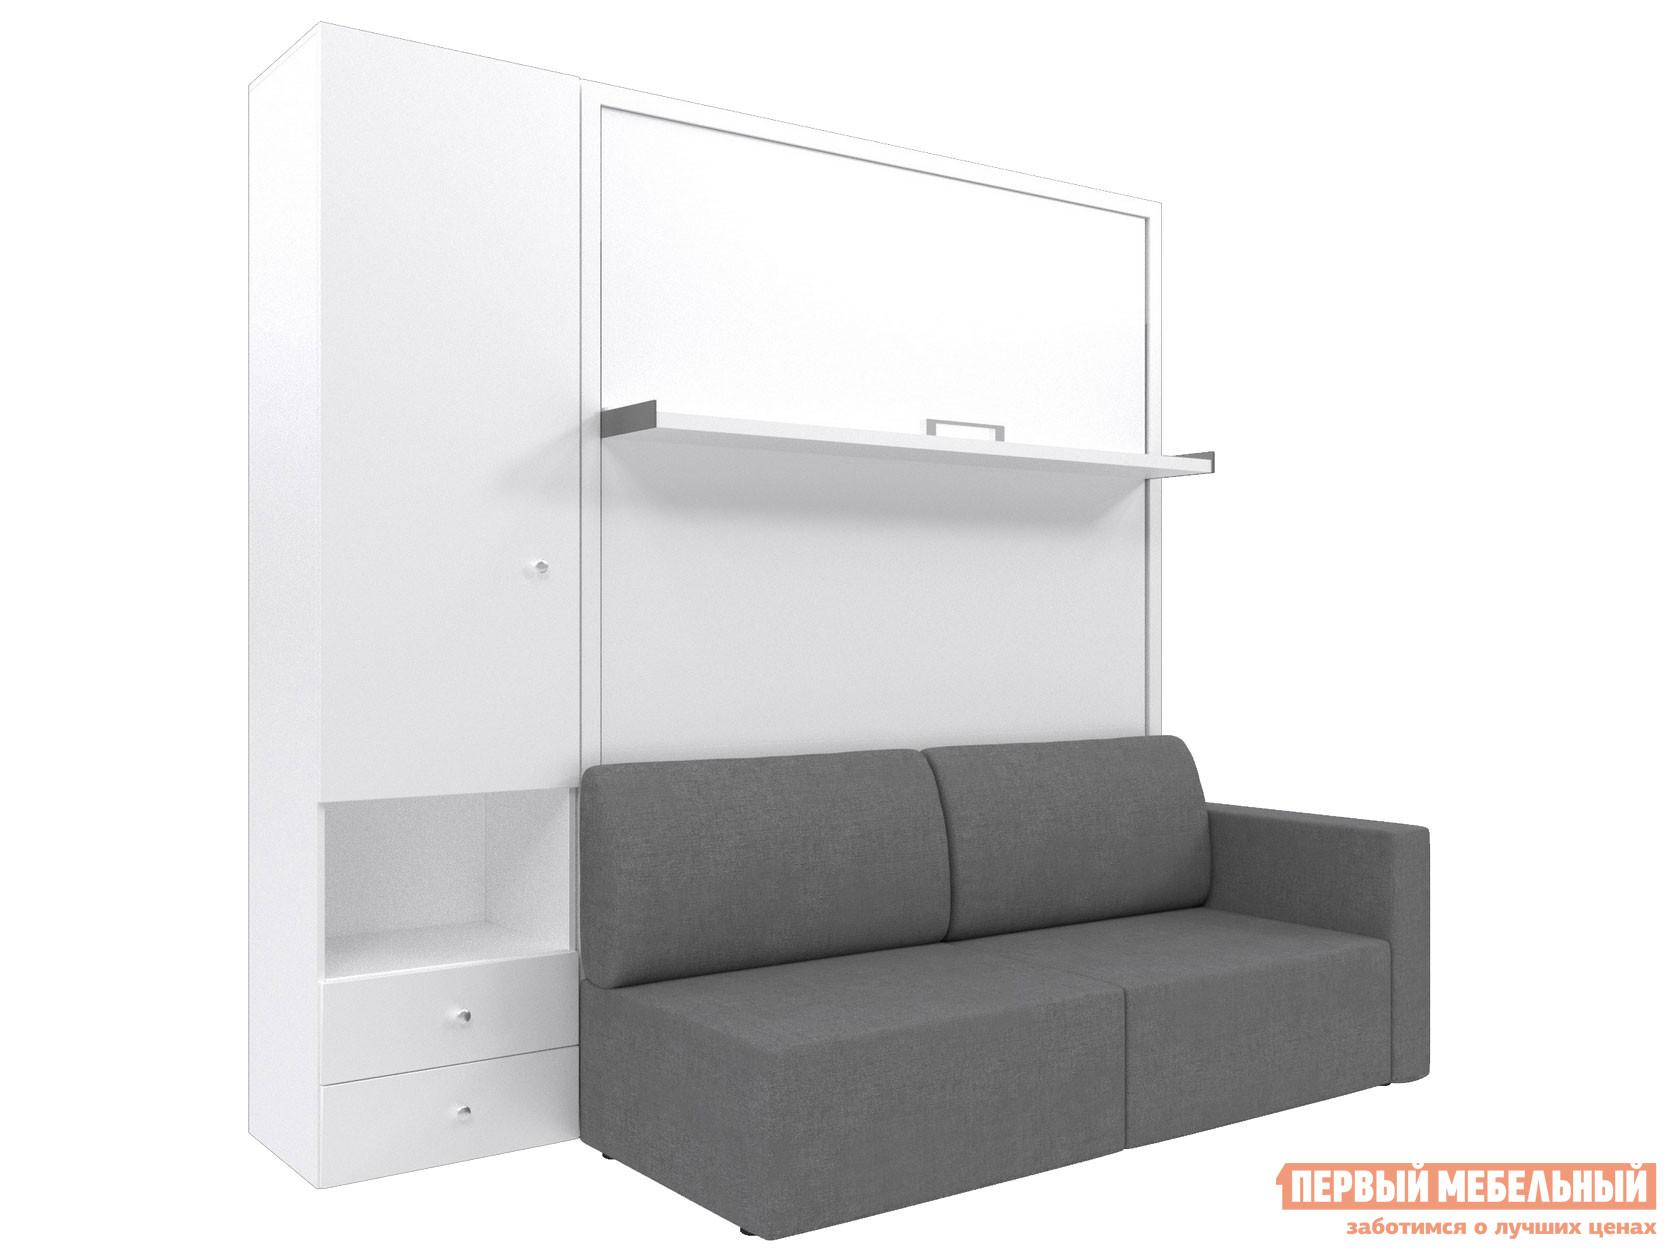 Двуспальная кровать  Смарт 3 (К+Д+Ш) Белый, Серый, 1600 Х 2000 мм